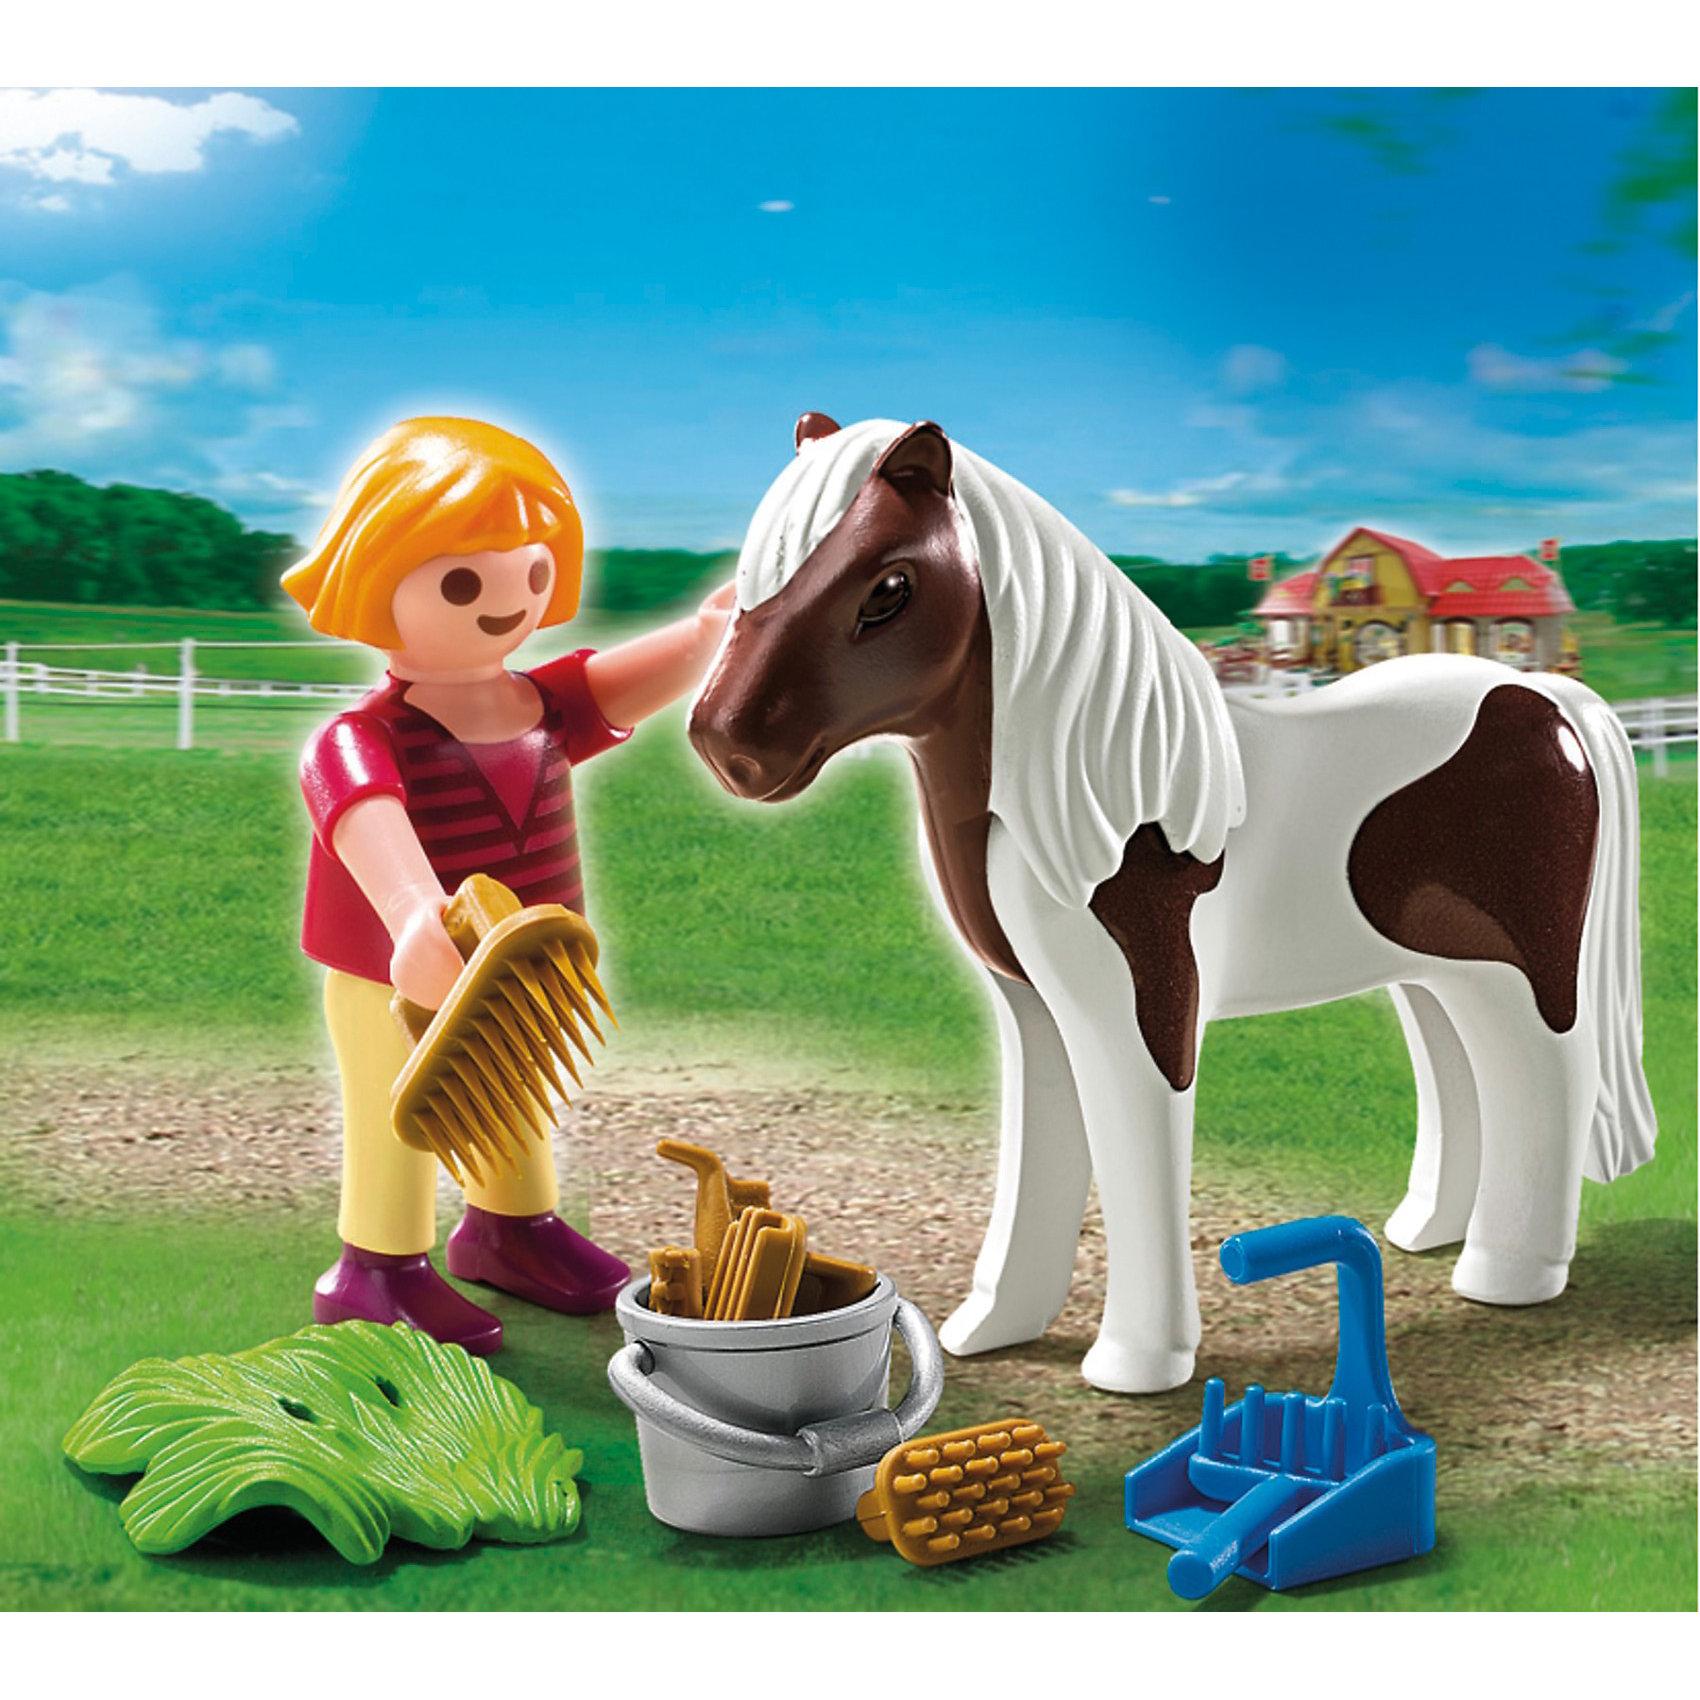 PLAYMOBIL  5291 Экстра-набор: Девочка и пониДевочка и пони – набор, с помощью которого можно реализовать немало сюжетов.<br>Игровые наборы Playmobil понравятся крохе, ведь детям так нравится играть с питомцами. <br>Красивая лошадка с длинной волнистой гривой должна быть чистой всегда, и за ней нужно ухаживать, применяя разные аксессуары для расчесывания и чистки животного. <br>Девочка возьмет щетку и расчешет гриву, помоет лошадку с водой в ведерке. <br>Чтобы животное чувствовало себя хорошо, его нужно не только кормить, оно должно быть чистым и ухоженным.<br>В конструкторы входят девочка, лошадка, ведерко, щетка, лопата и грабли и 6 предметов ухода за животным.<br>Ребенок приведет во двор лошадку, возьмет ведерко с водой и начнет ее мыть. <br>Мягкая щеточка прочистит шерстку, а расческа с длинными зубьями приведет в порядок гриву и хвост. <br>Чтобы место, где пасется животное, было убрано, понадобятся лопатка и грабли и убирается навоз и мусор. <br>Вкусную траву можно положить на землю, и лошадка будет ее кушать. <br>Шесть предметов для ухода за животным необходимы, чтобы лошадке сделать массаж мышц ног, расчесать и промассажировать бока.<br>Игрушка от Playmobil (Плеймобил) учит ребенка любить животных, ухаживать за ними и кормить. <br>Во время игры у малыша развивается внимание, любознательность, образное мышление и воображение.<br><br>PLAYMOBIL  5291 Экстра-набор: Девочка и пони можно купить в нашем магазине.<br><br>Ширина мм: 131<br>Глубина мм: 99<br>Высота мм: 45<br>Вес г: 58<br>Возраст от месяцев: 48<br>Возраст до месяцев: 120<br>Пол: Женский<br>Возраст: Детский<br>SKU: 2554720